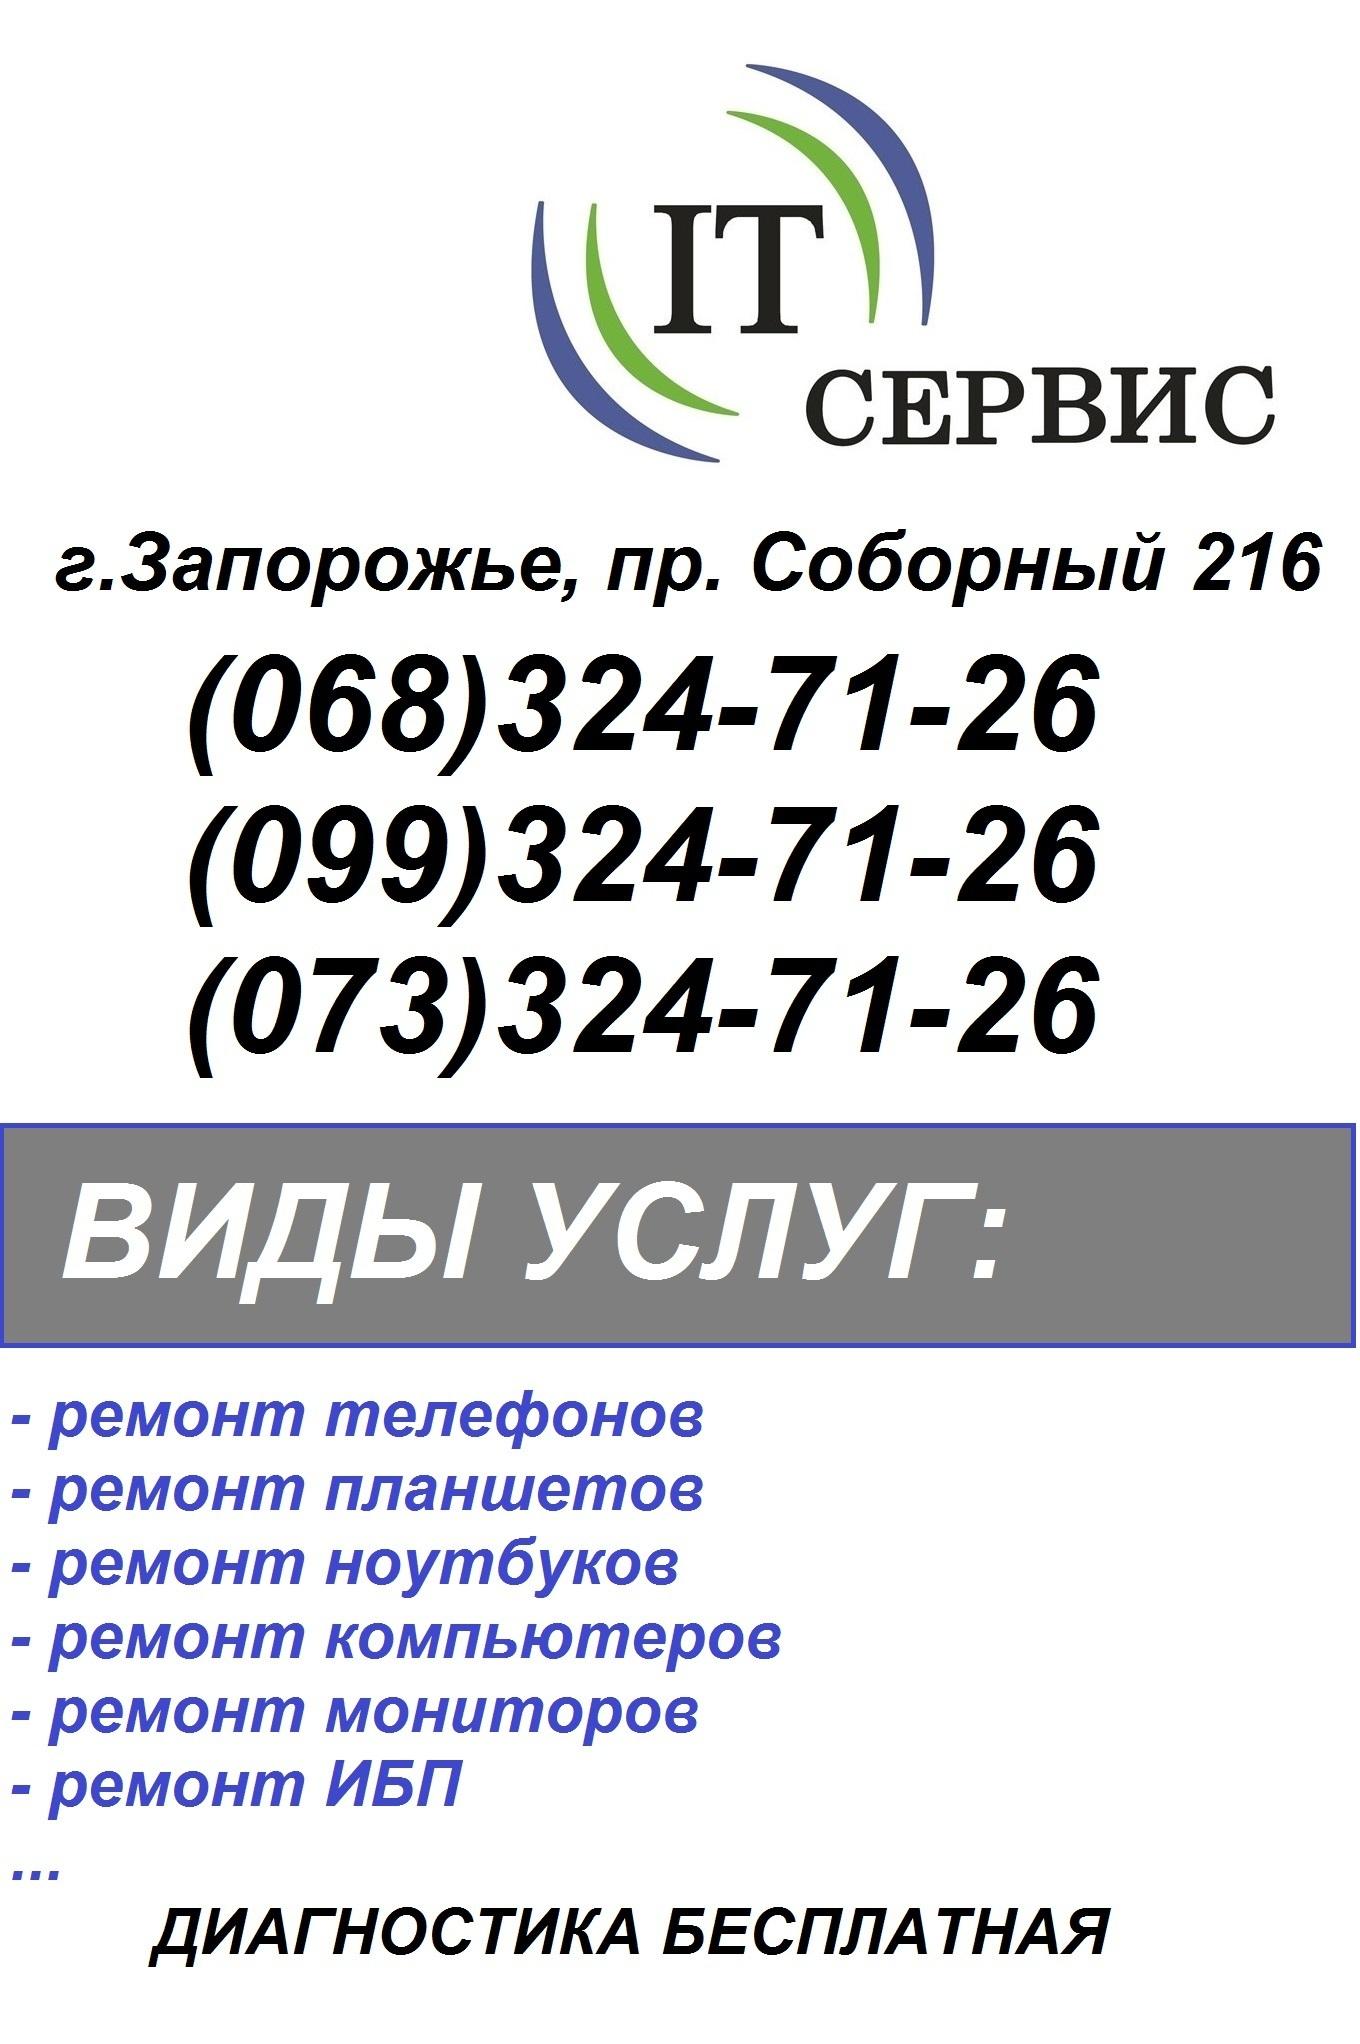 Ремонт техники в Запорожье / ITсервис